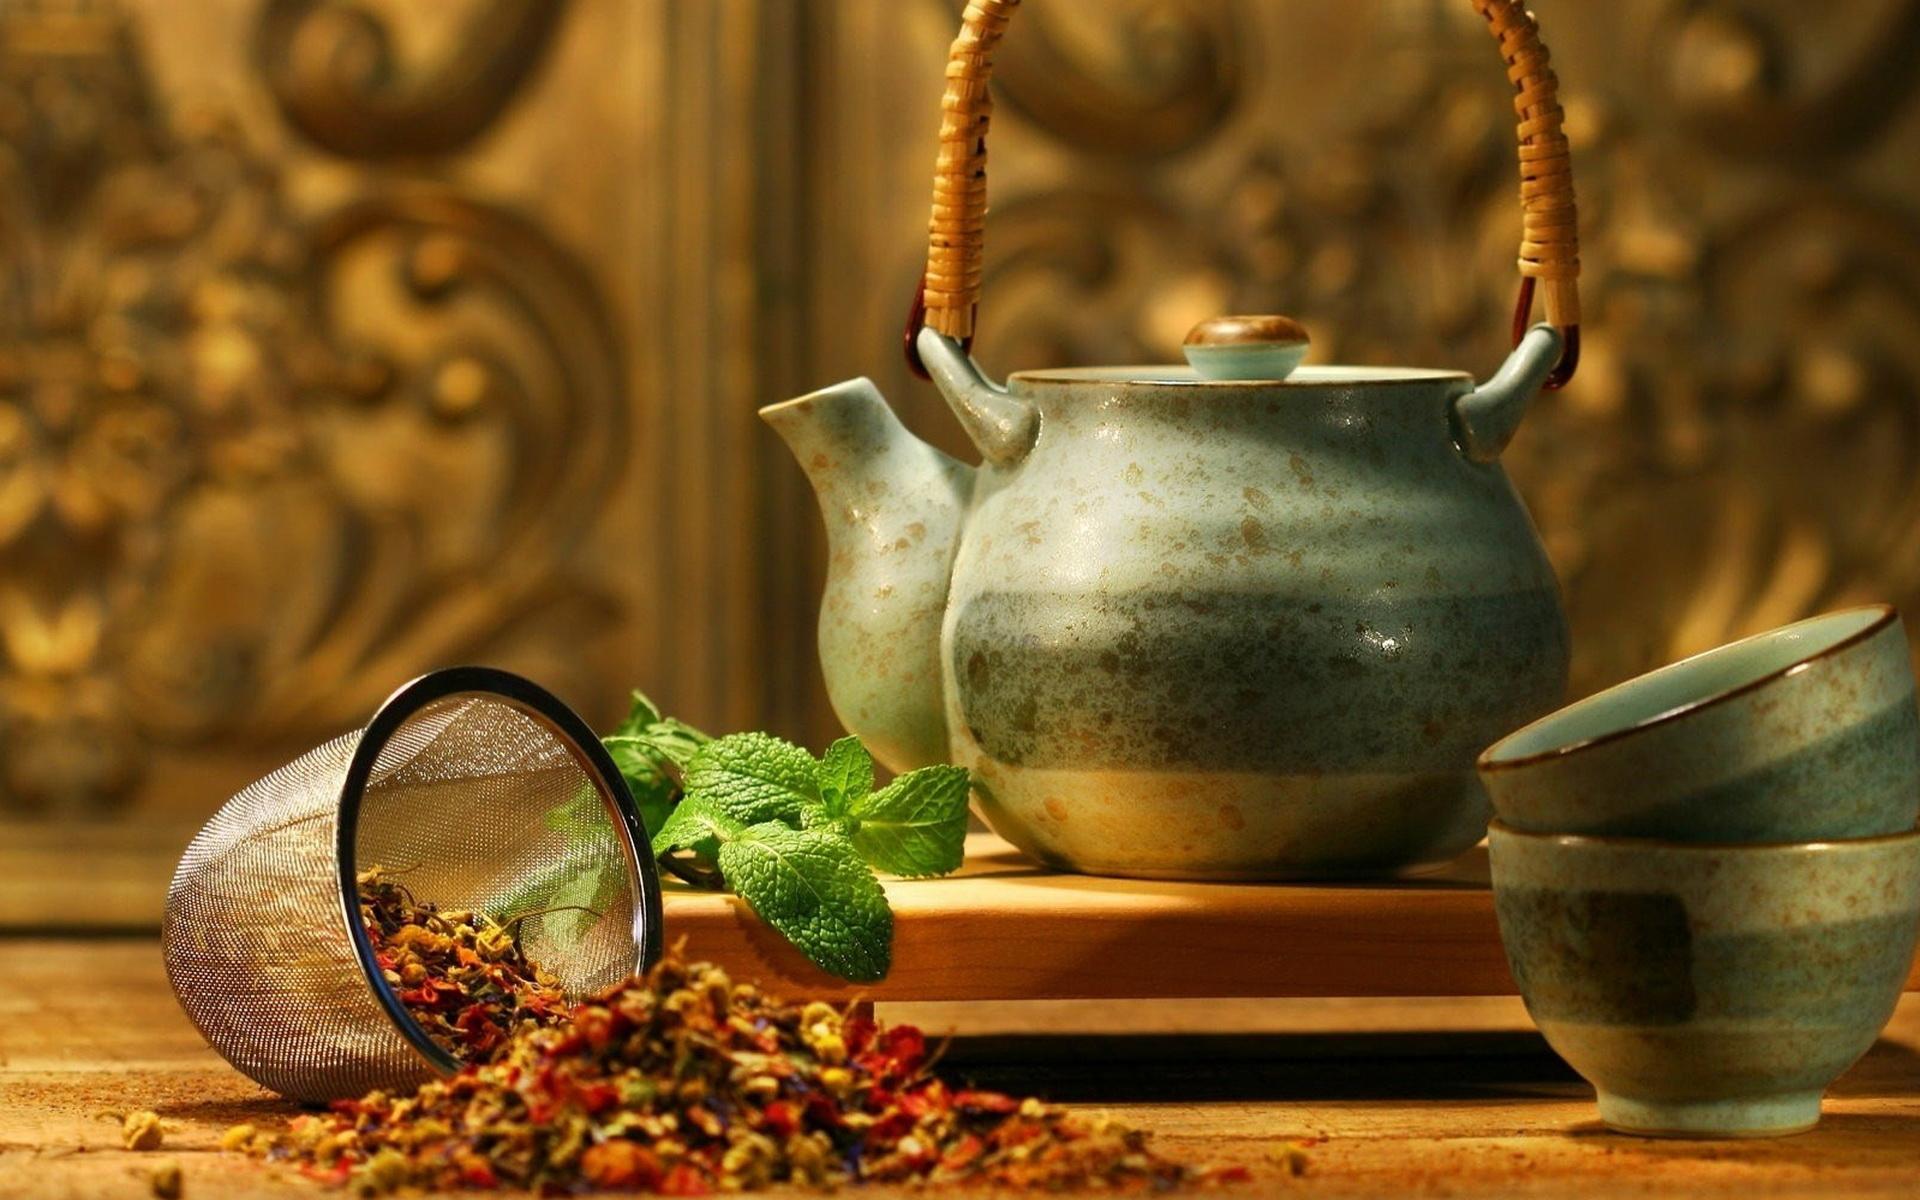 Монастырский сироп с витаминами для печени